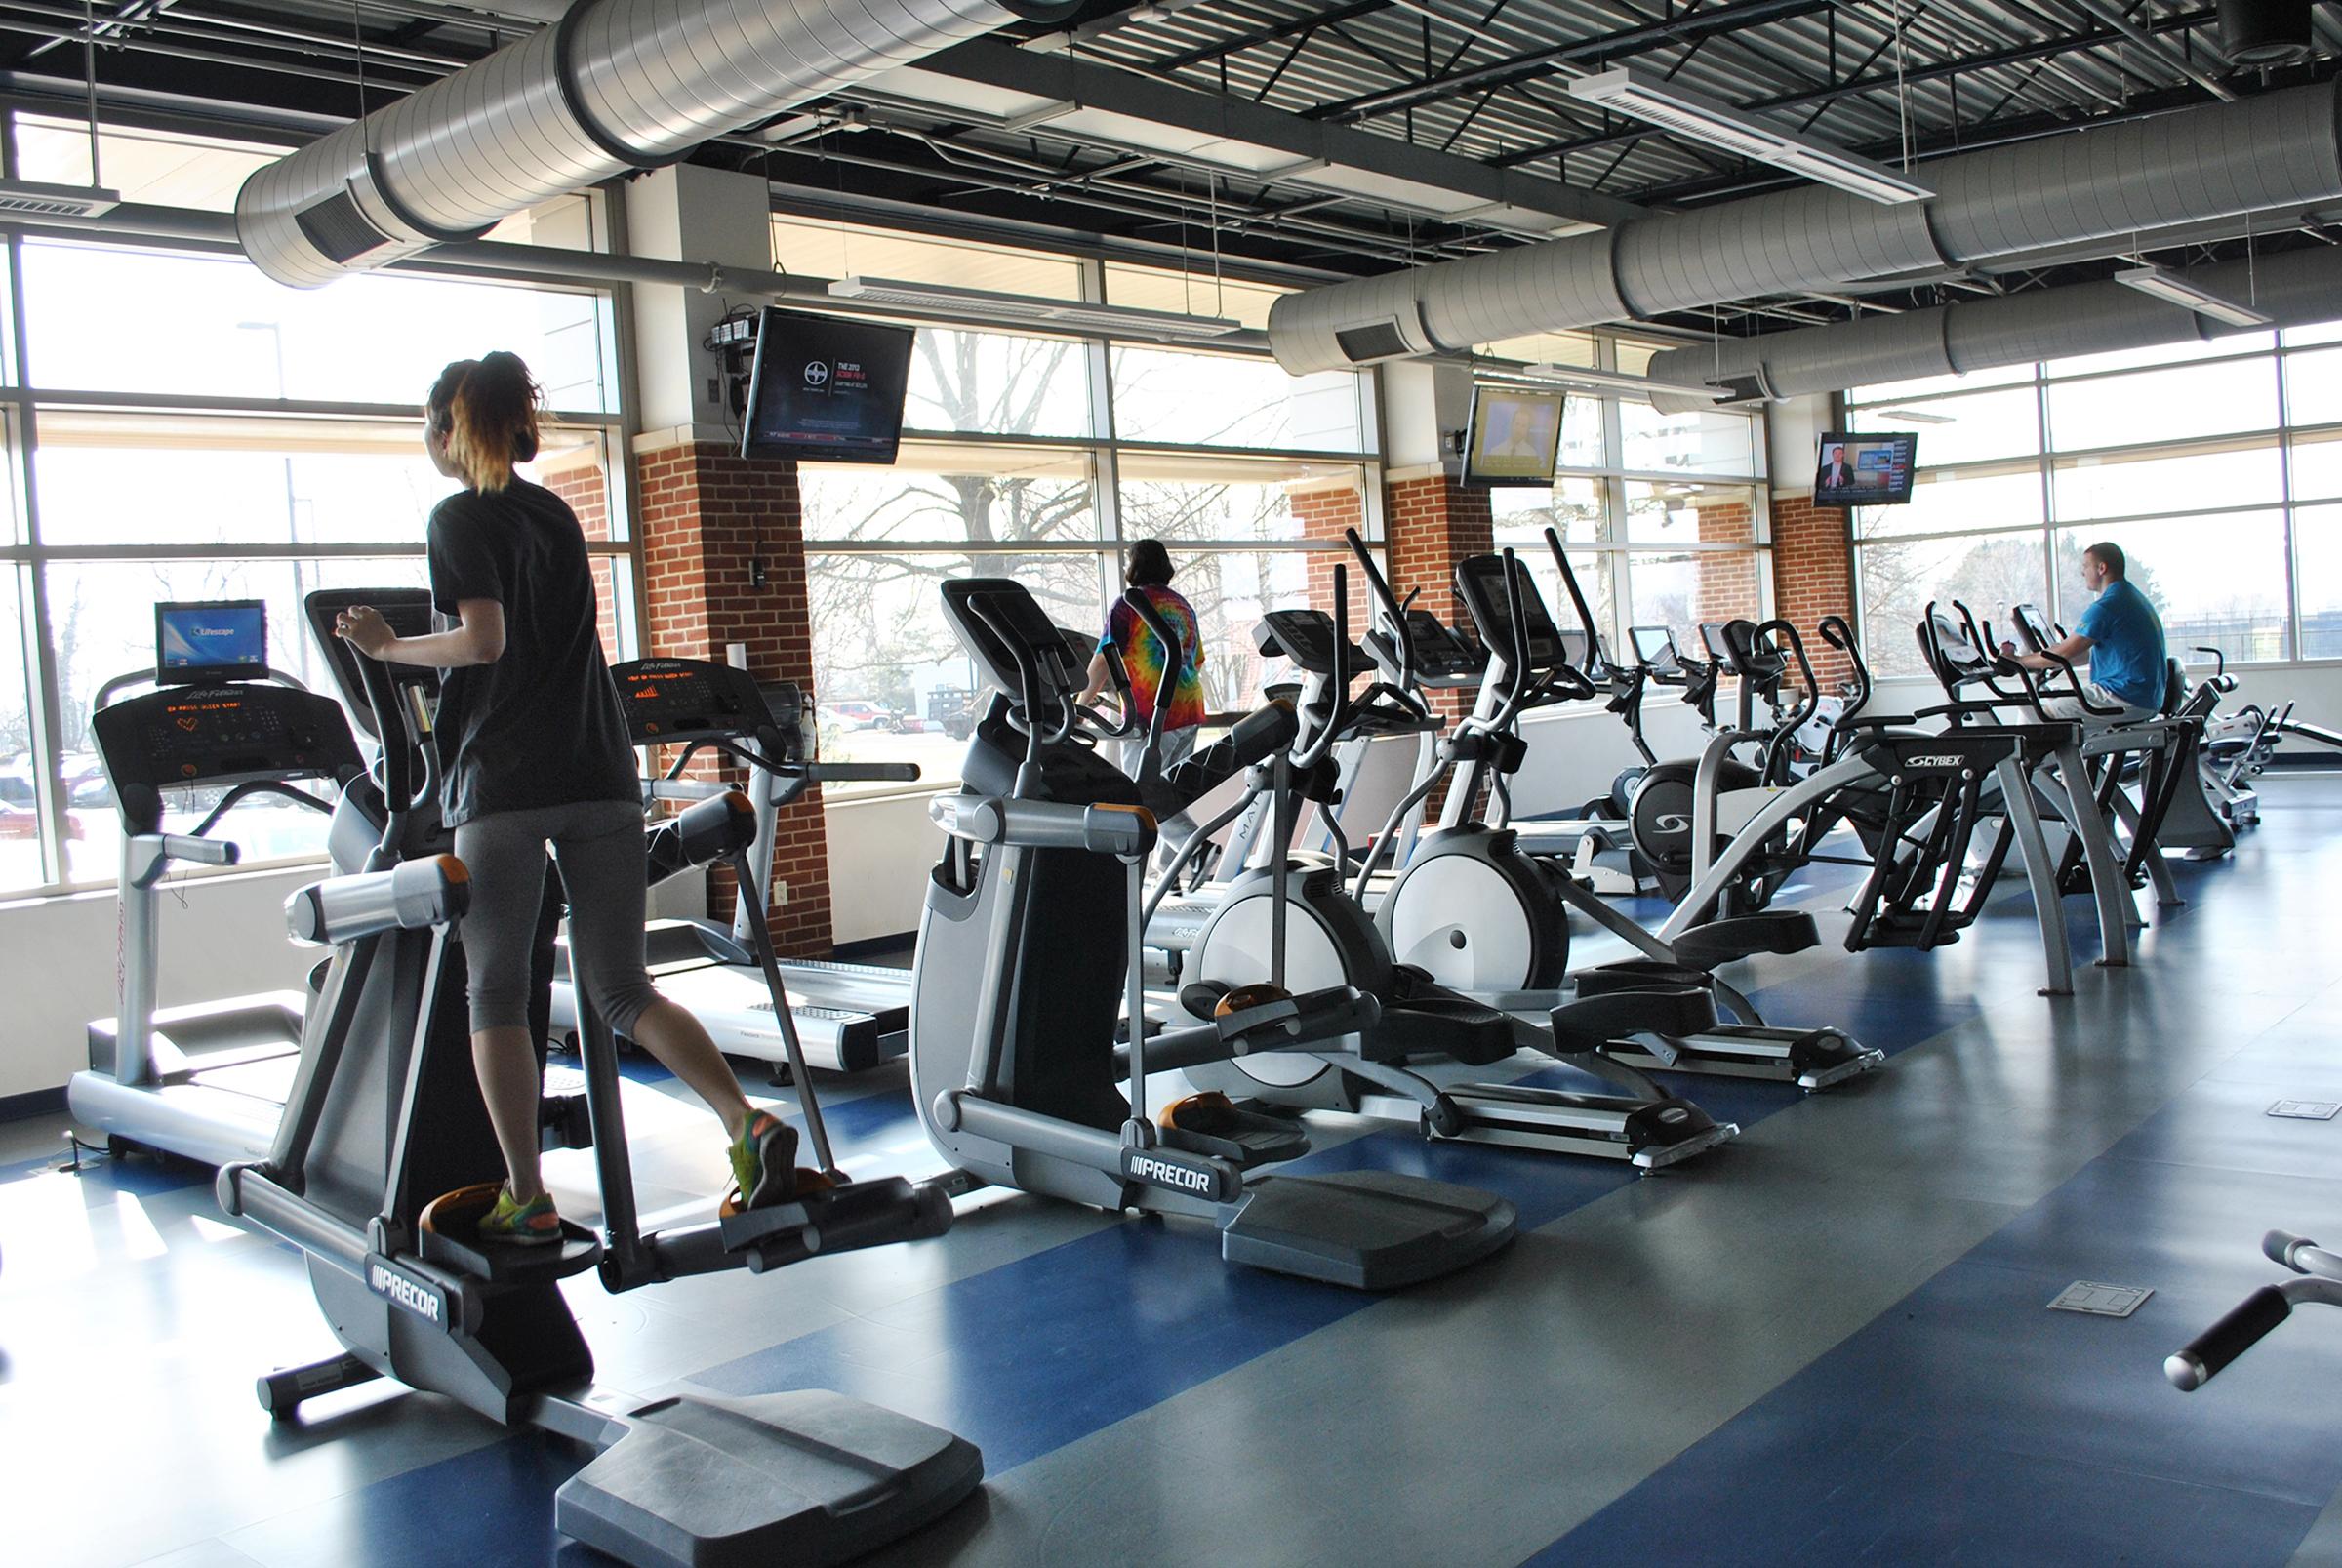 Fitness Center | Penn State Harrisburg